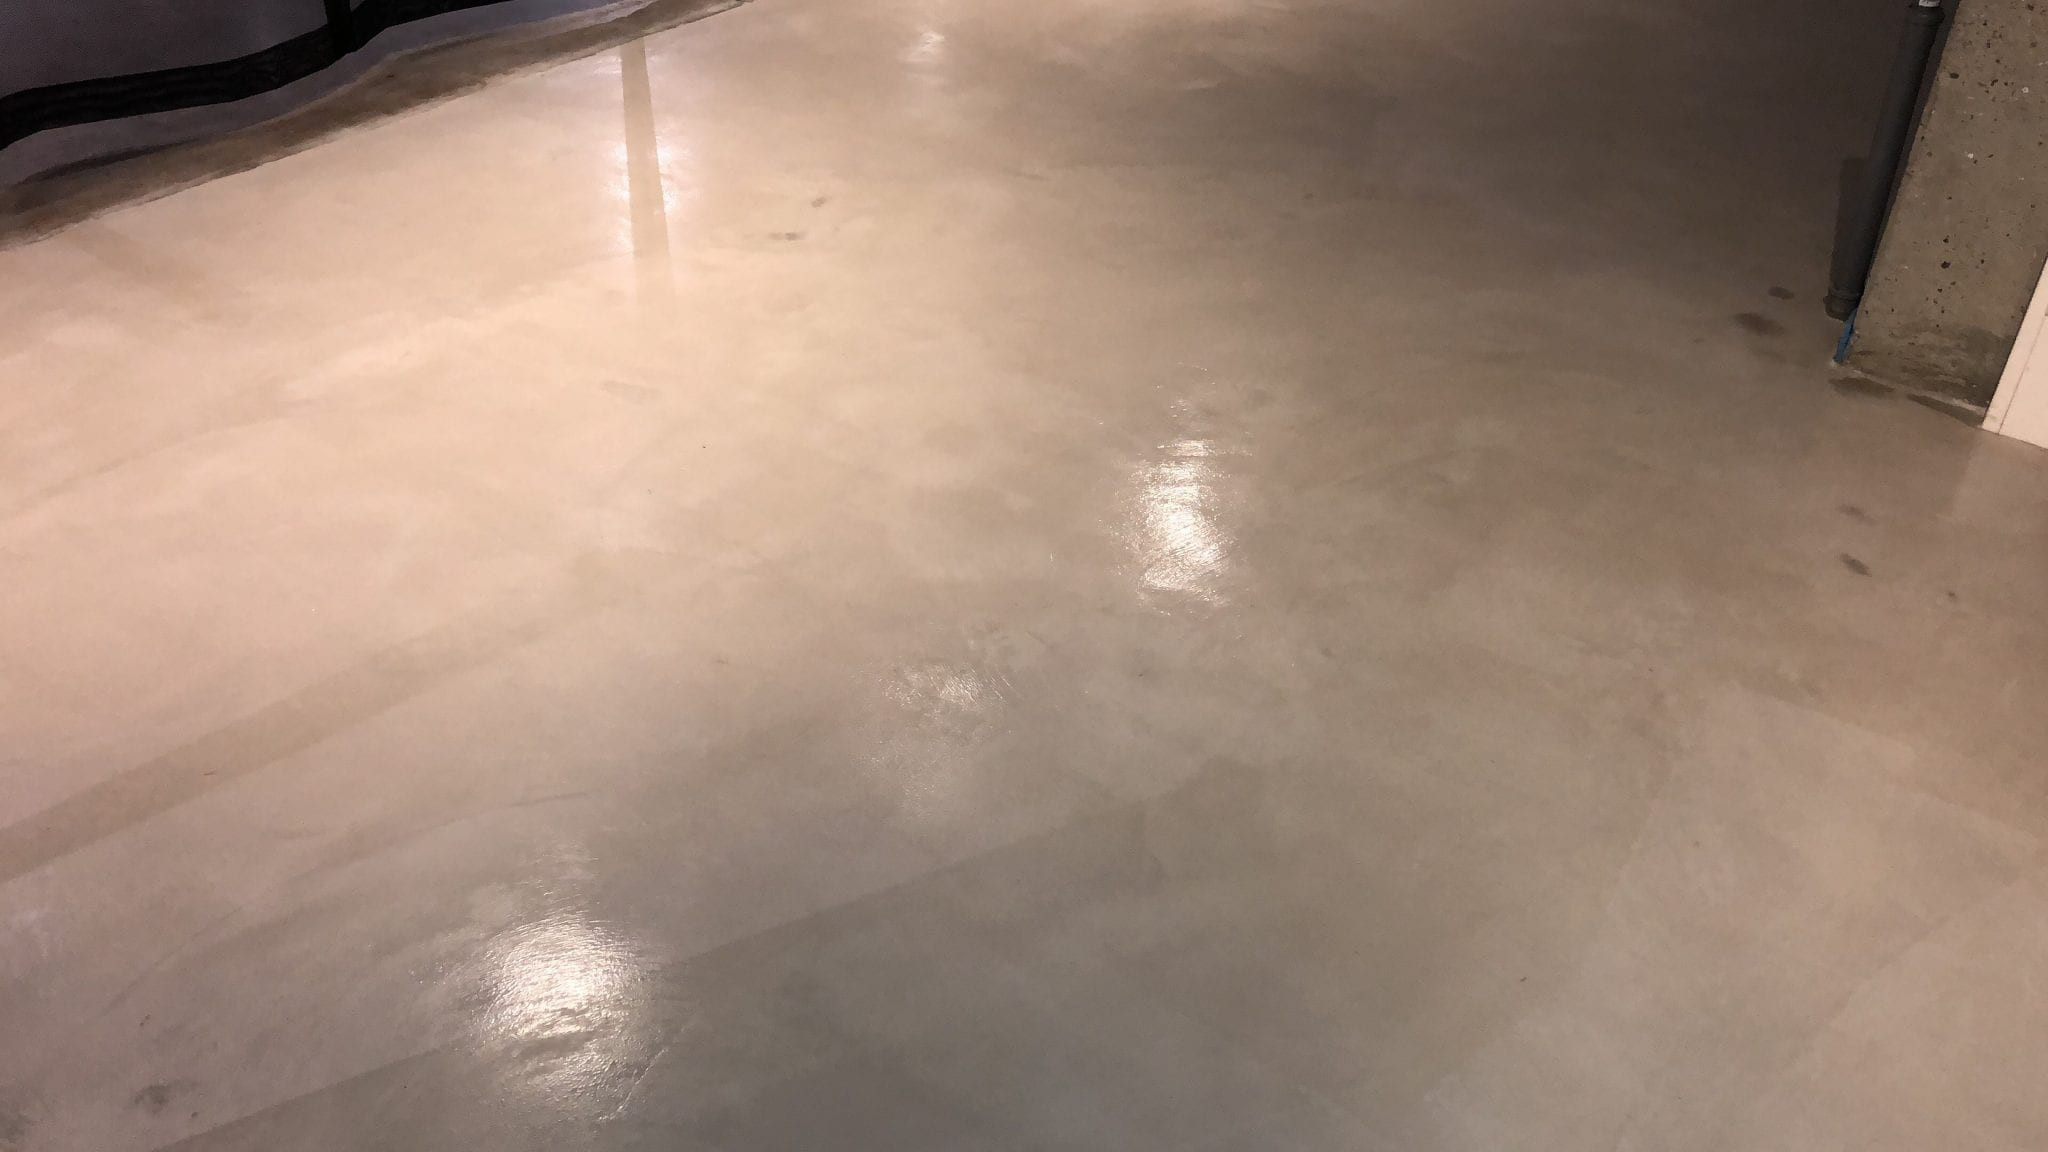 Schön Fugenloser Fußboden Foto Von Betonoptik Fugenlose Böden Hamburg